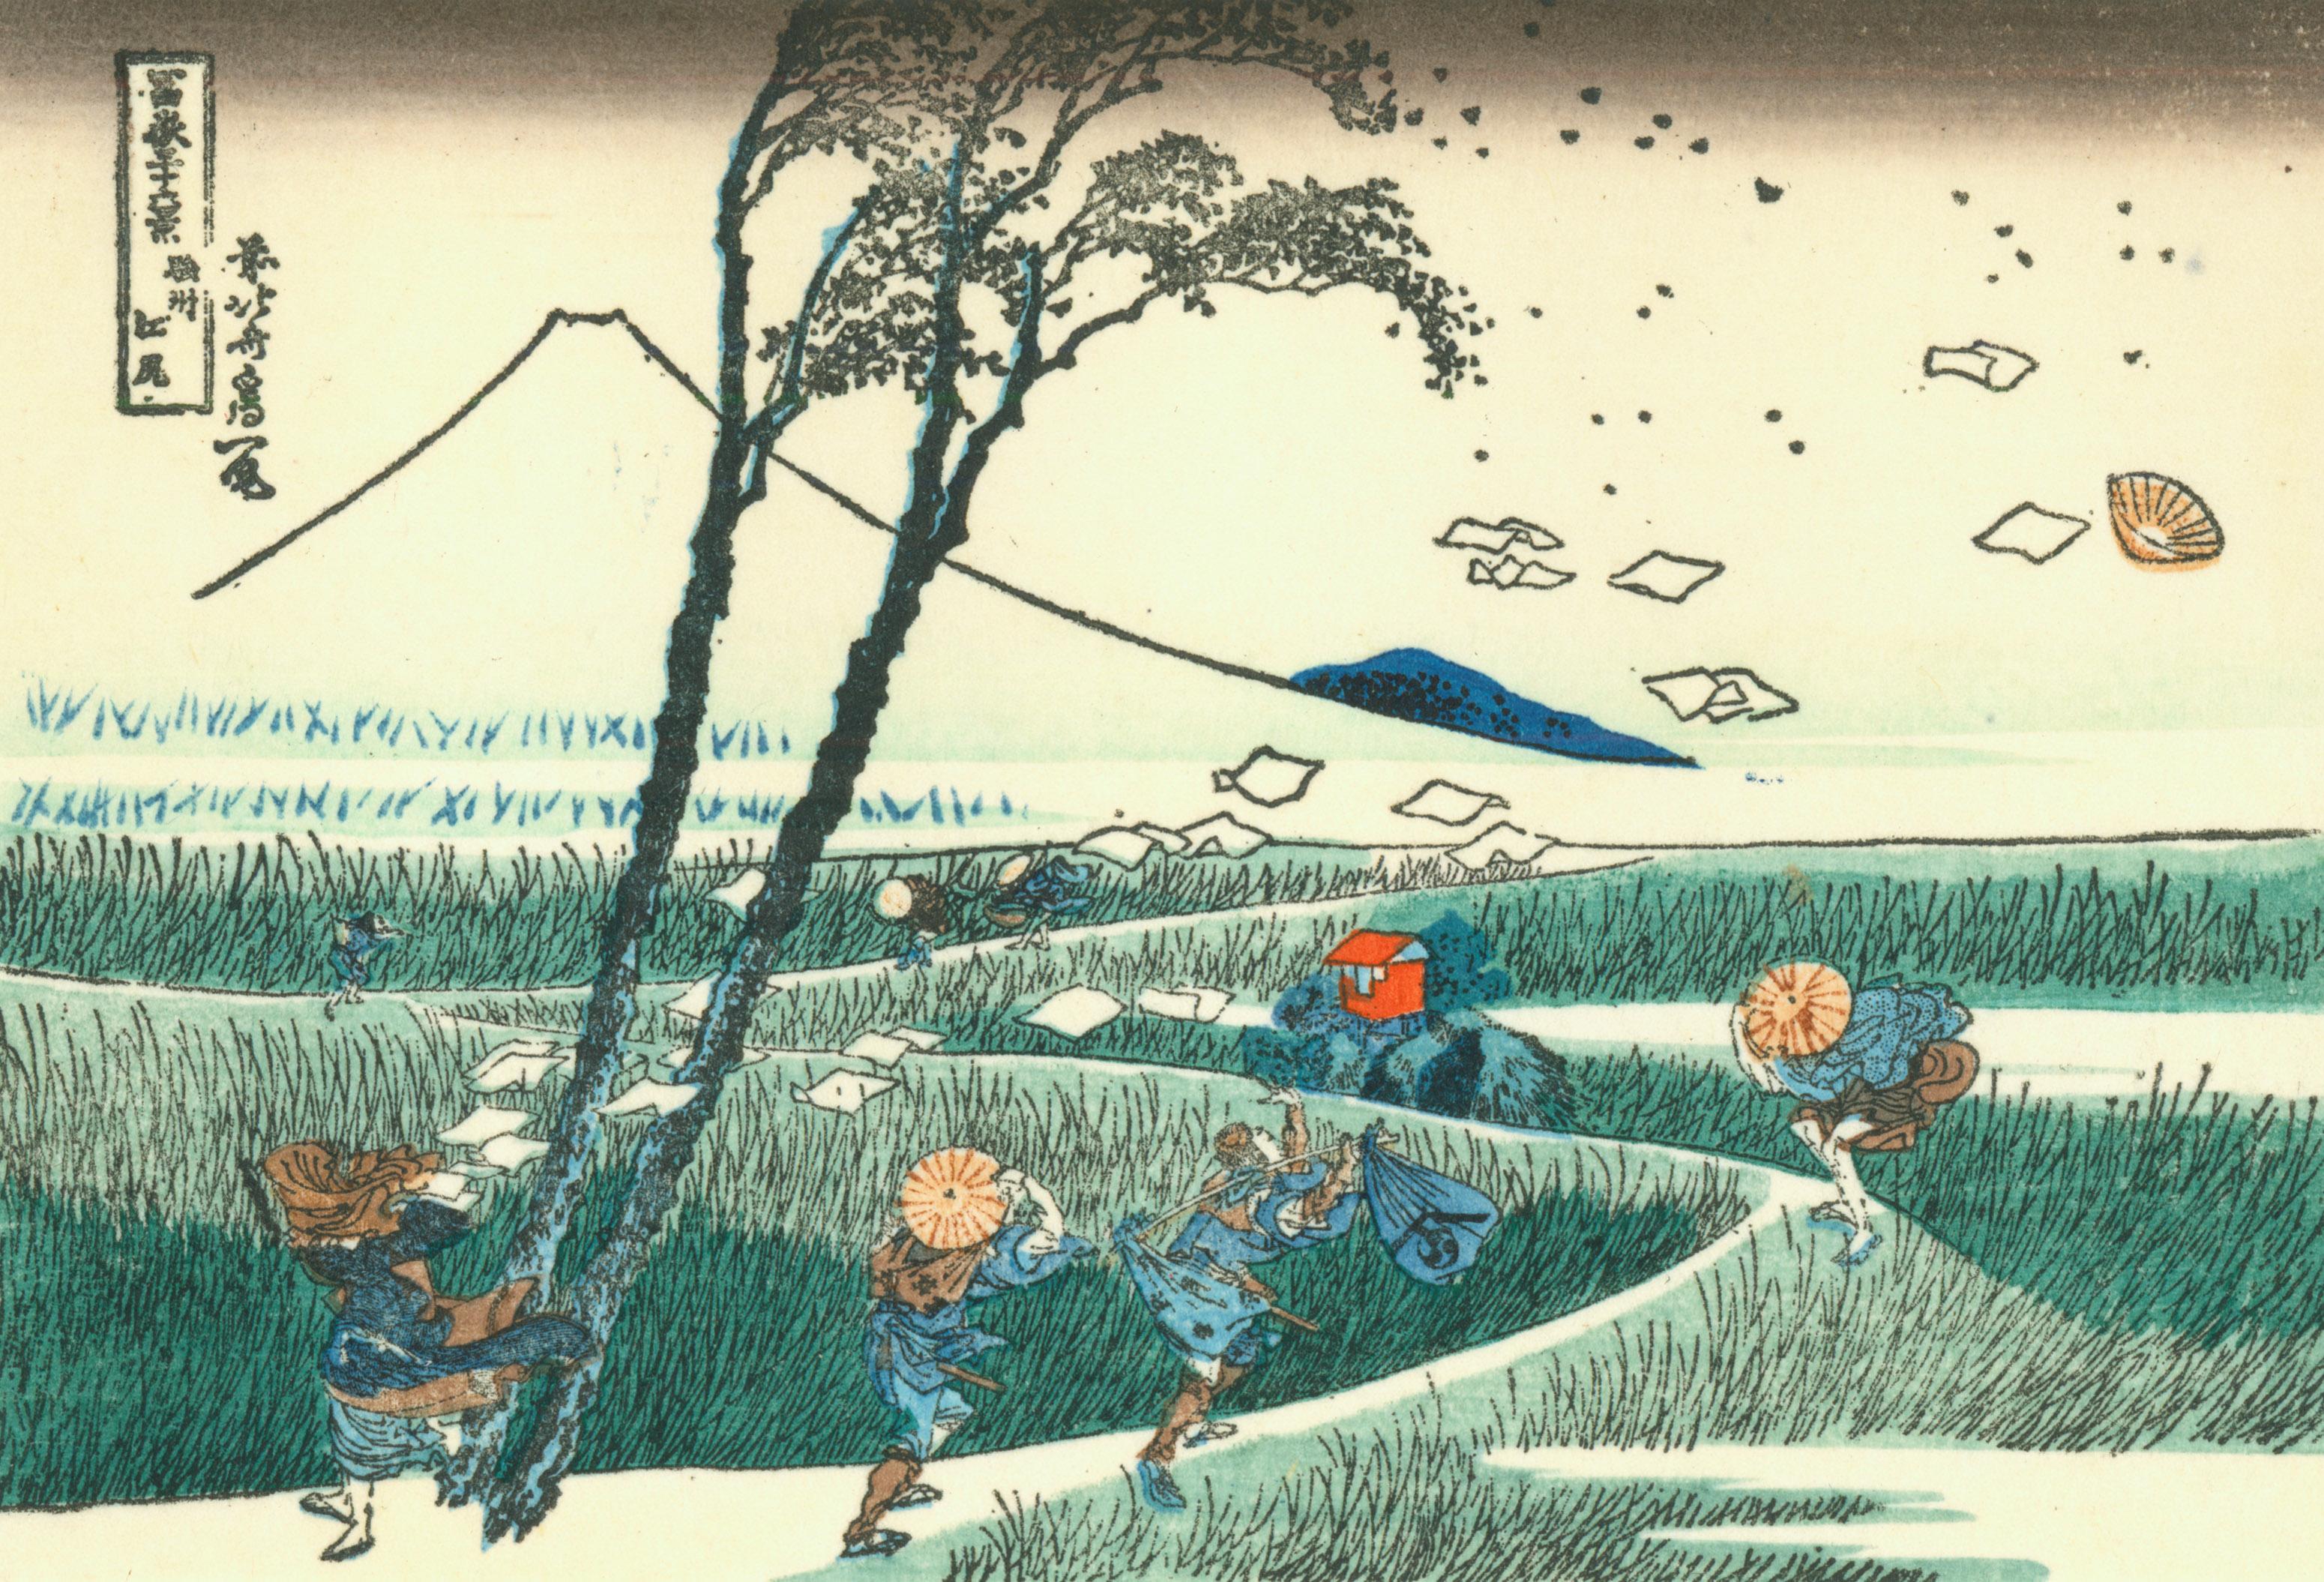 Katsushika Hokusai \[Public domain\]